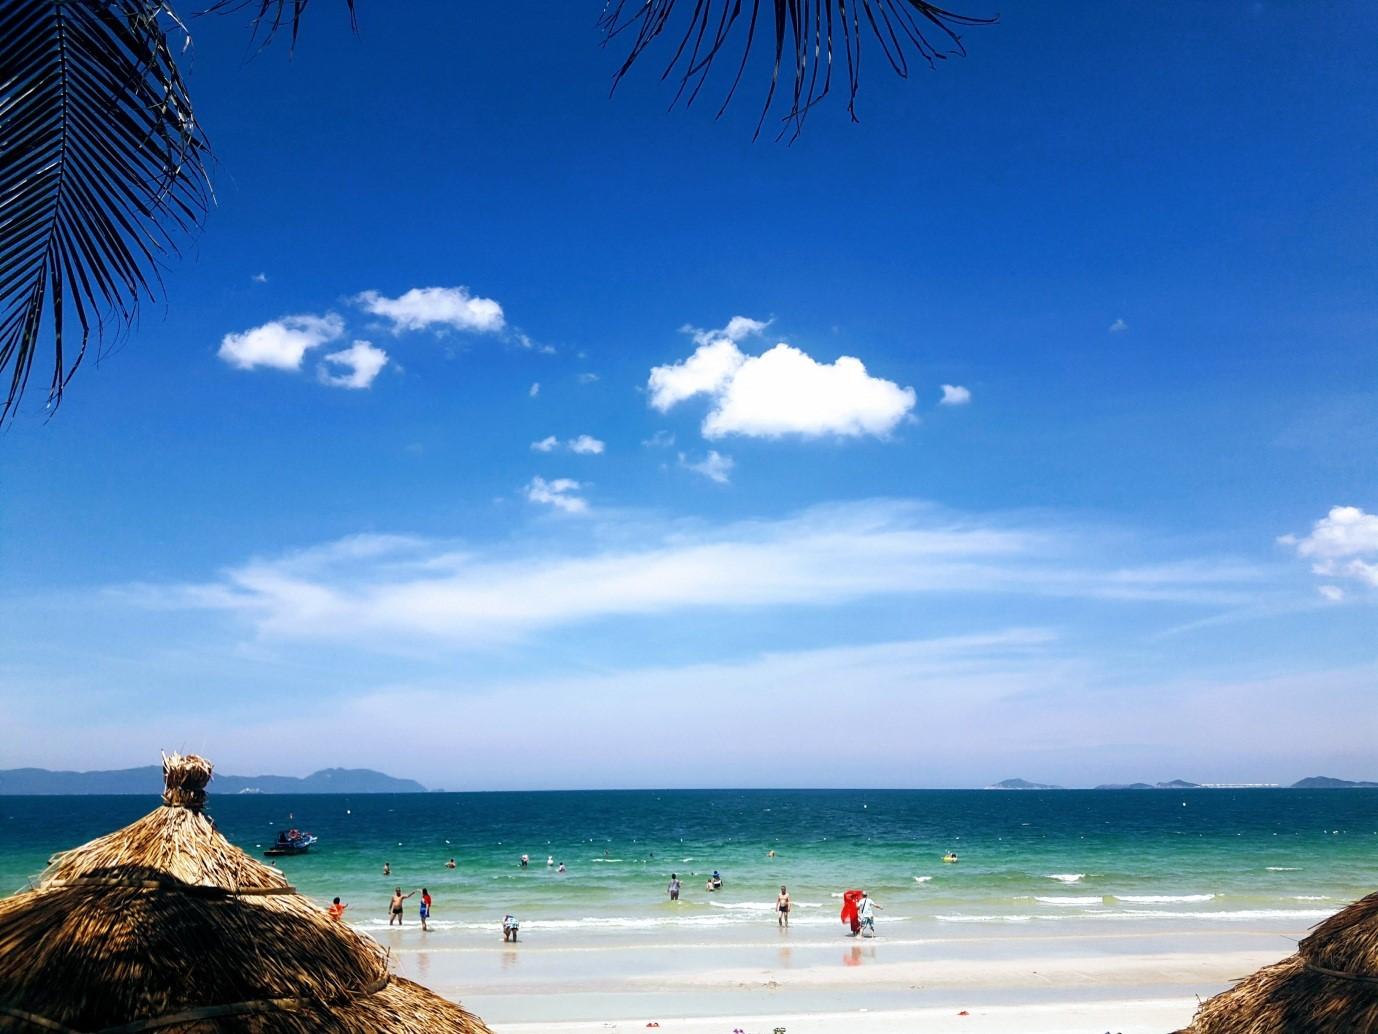 Du lịch Nha Trang để thấy Việt Nam đẹp mê đắm thế nào? - 42